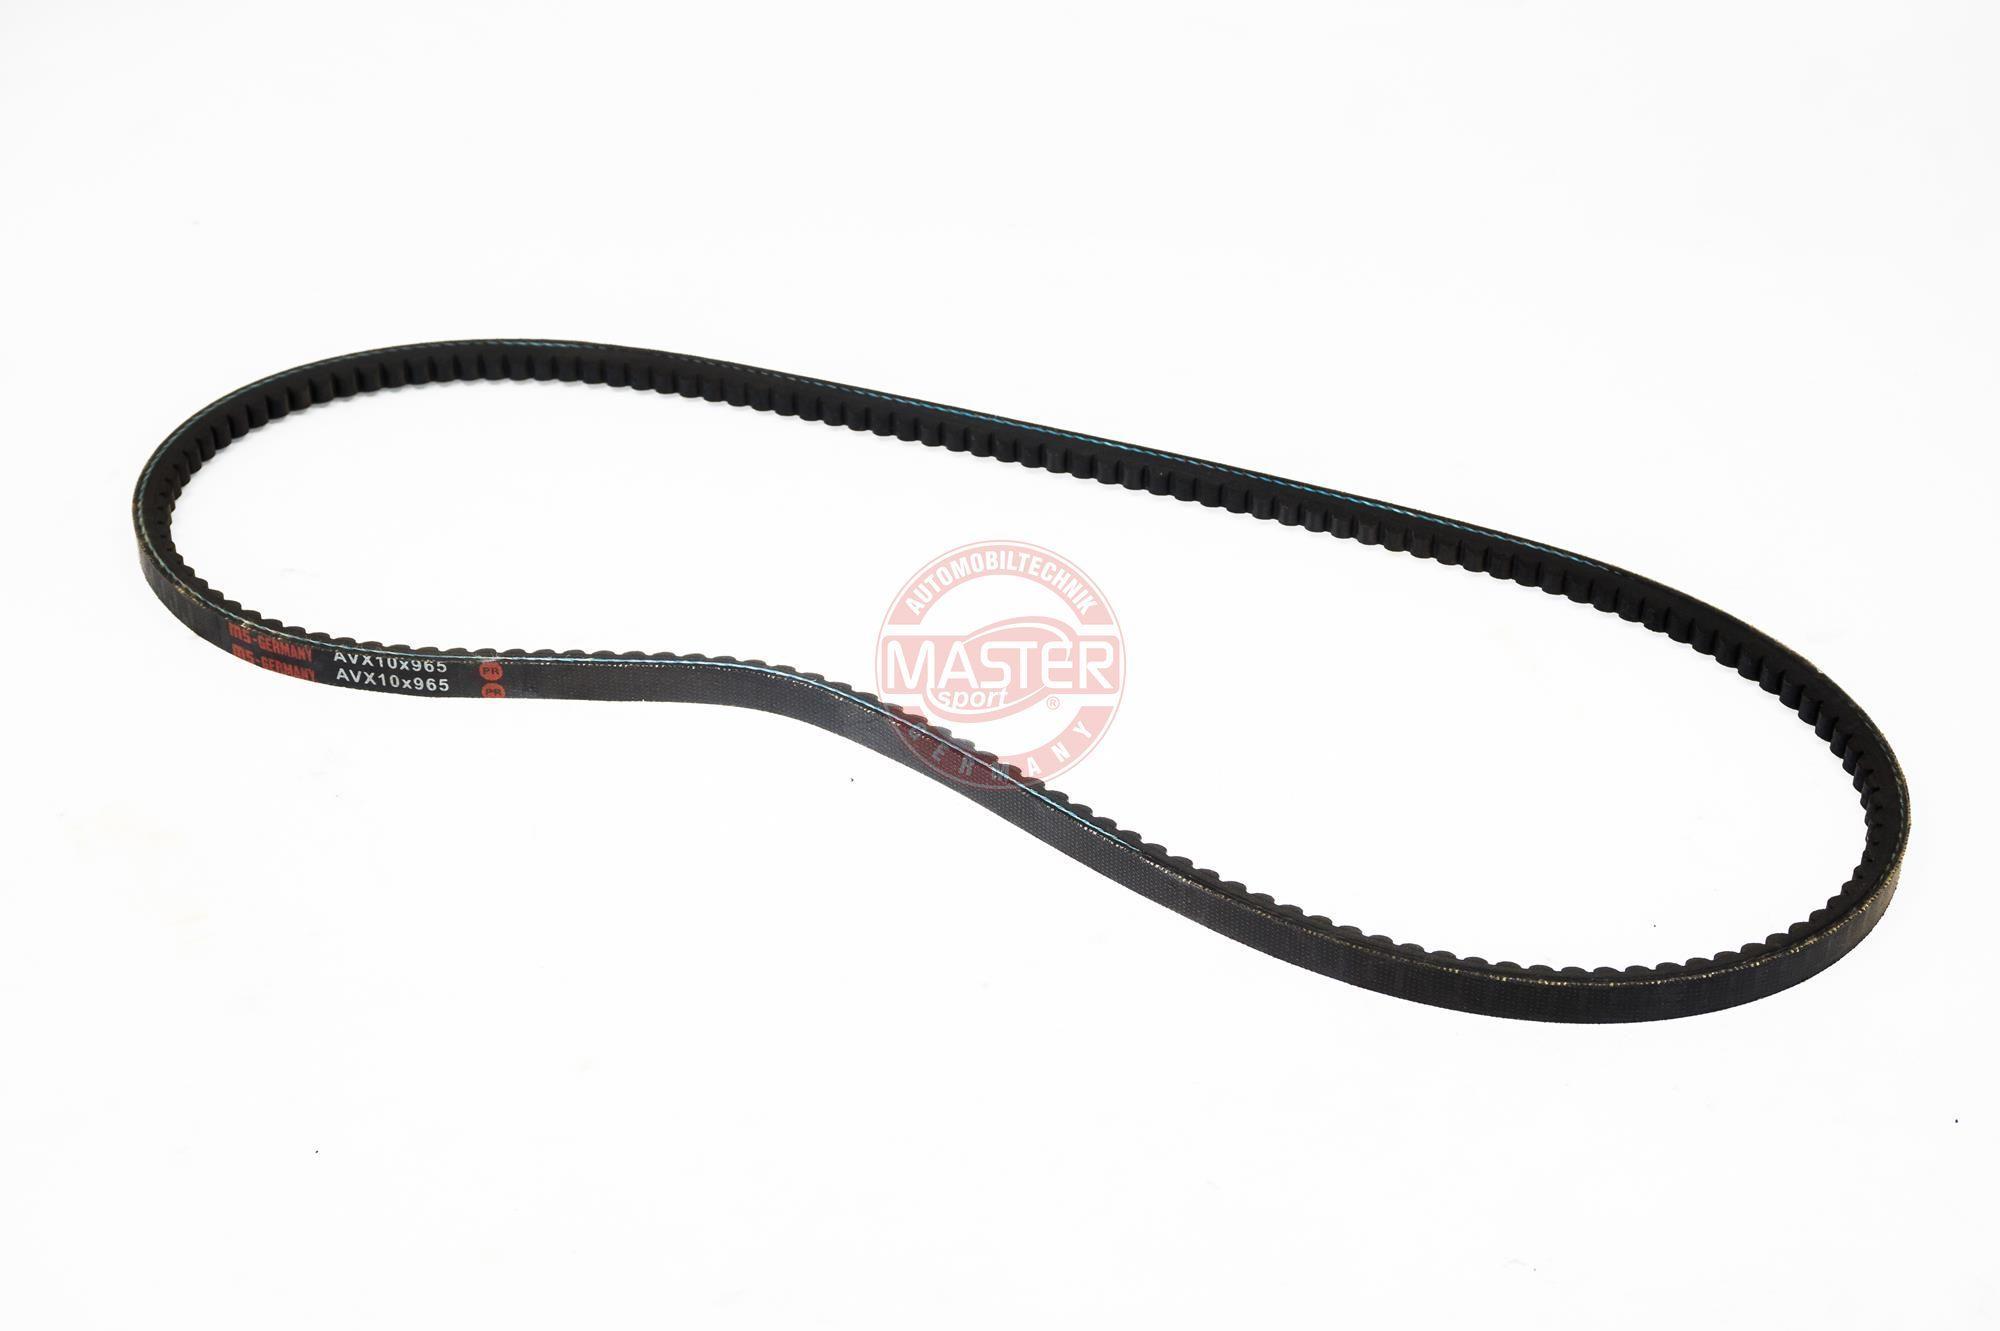 Fan Belt Alternator MEYLE V-Belt AVX10X960 960mm x 10mm